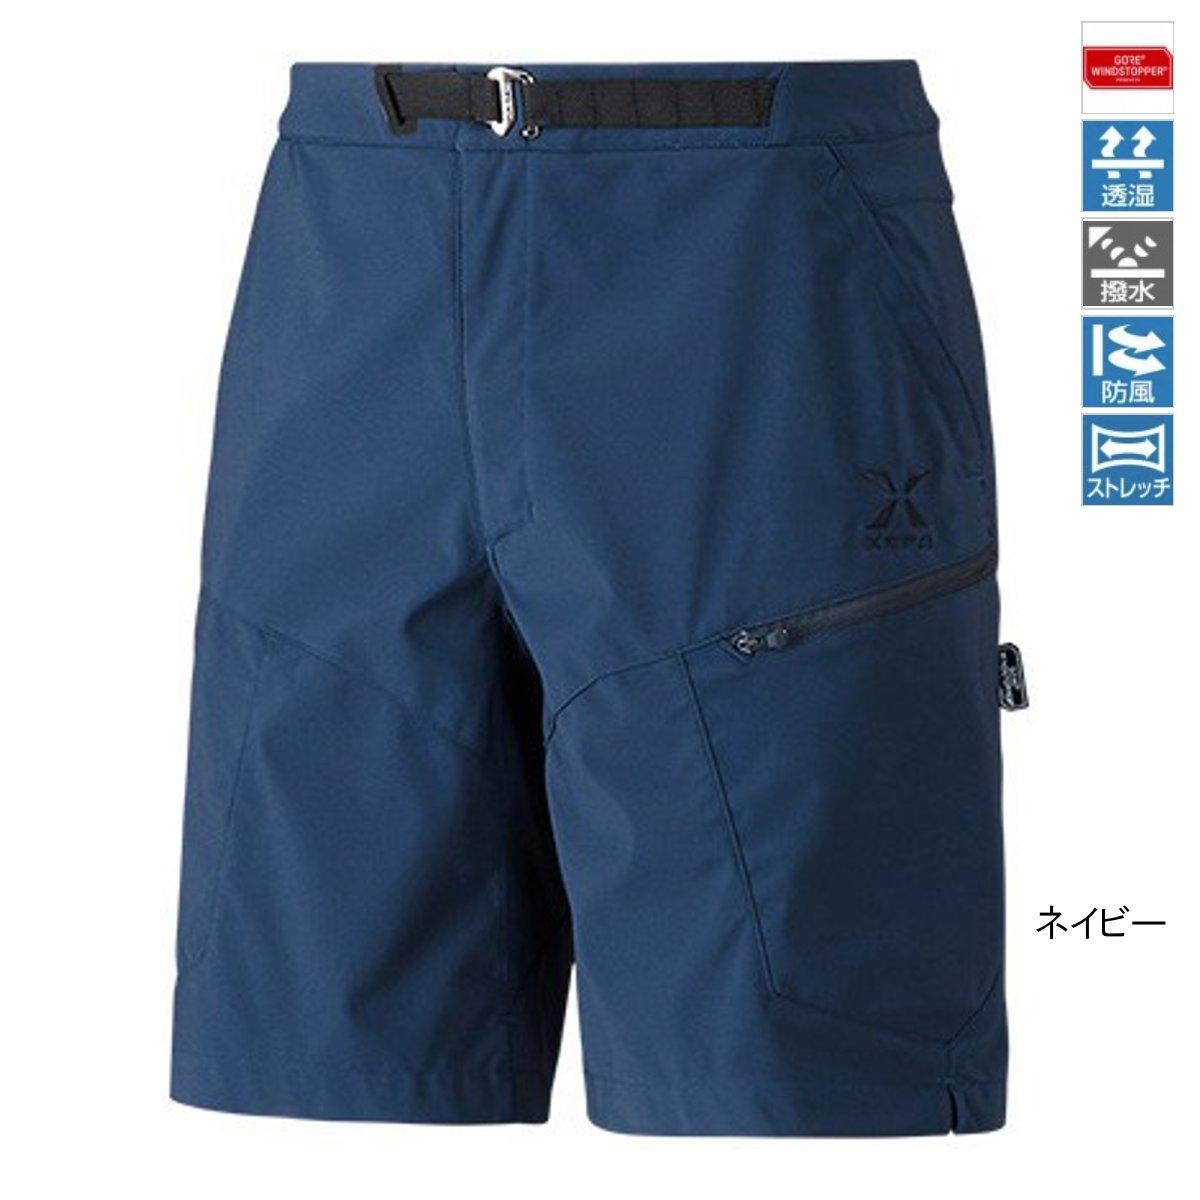 シマノ XEFO GORE WINDSTOPPER ショーツ PA-242R XL ネイビー【送料無料】